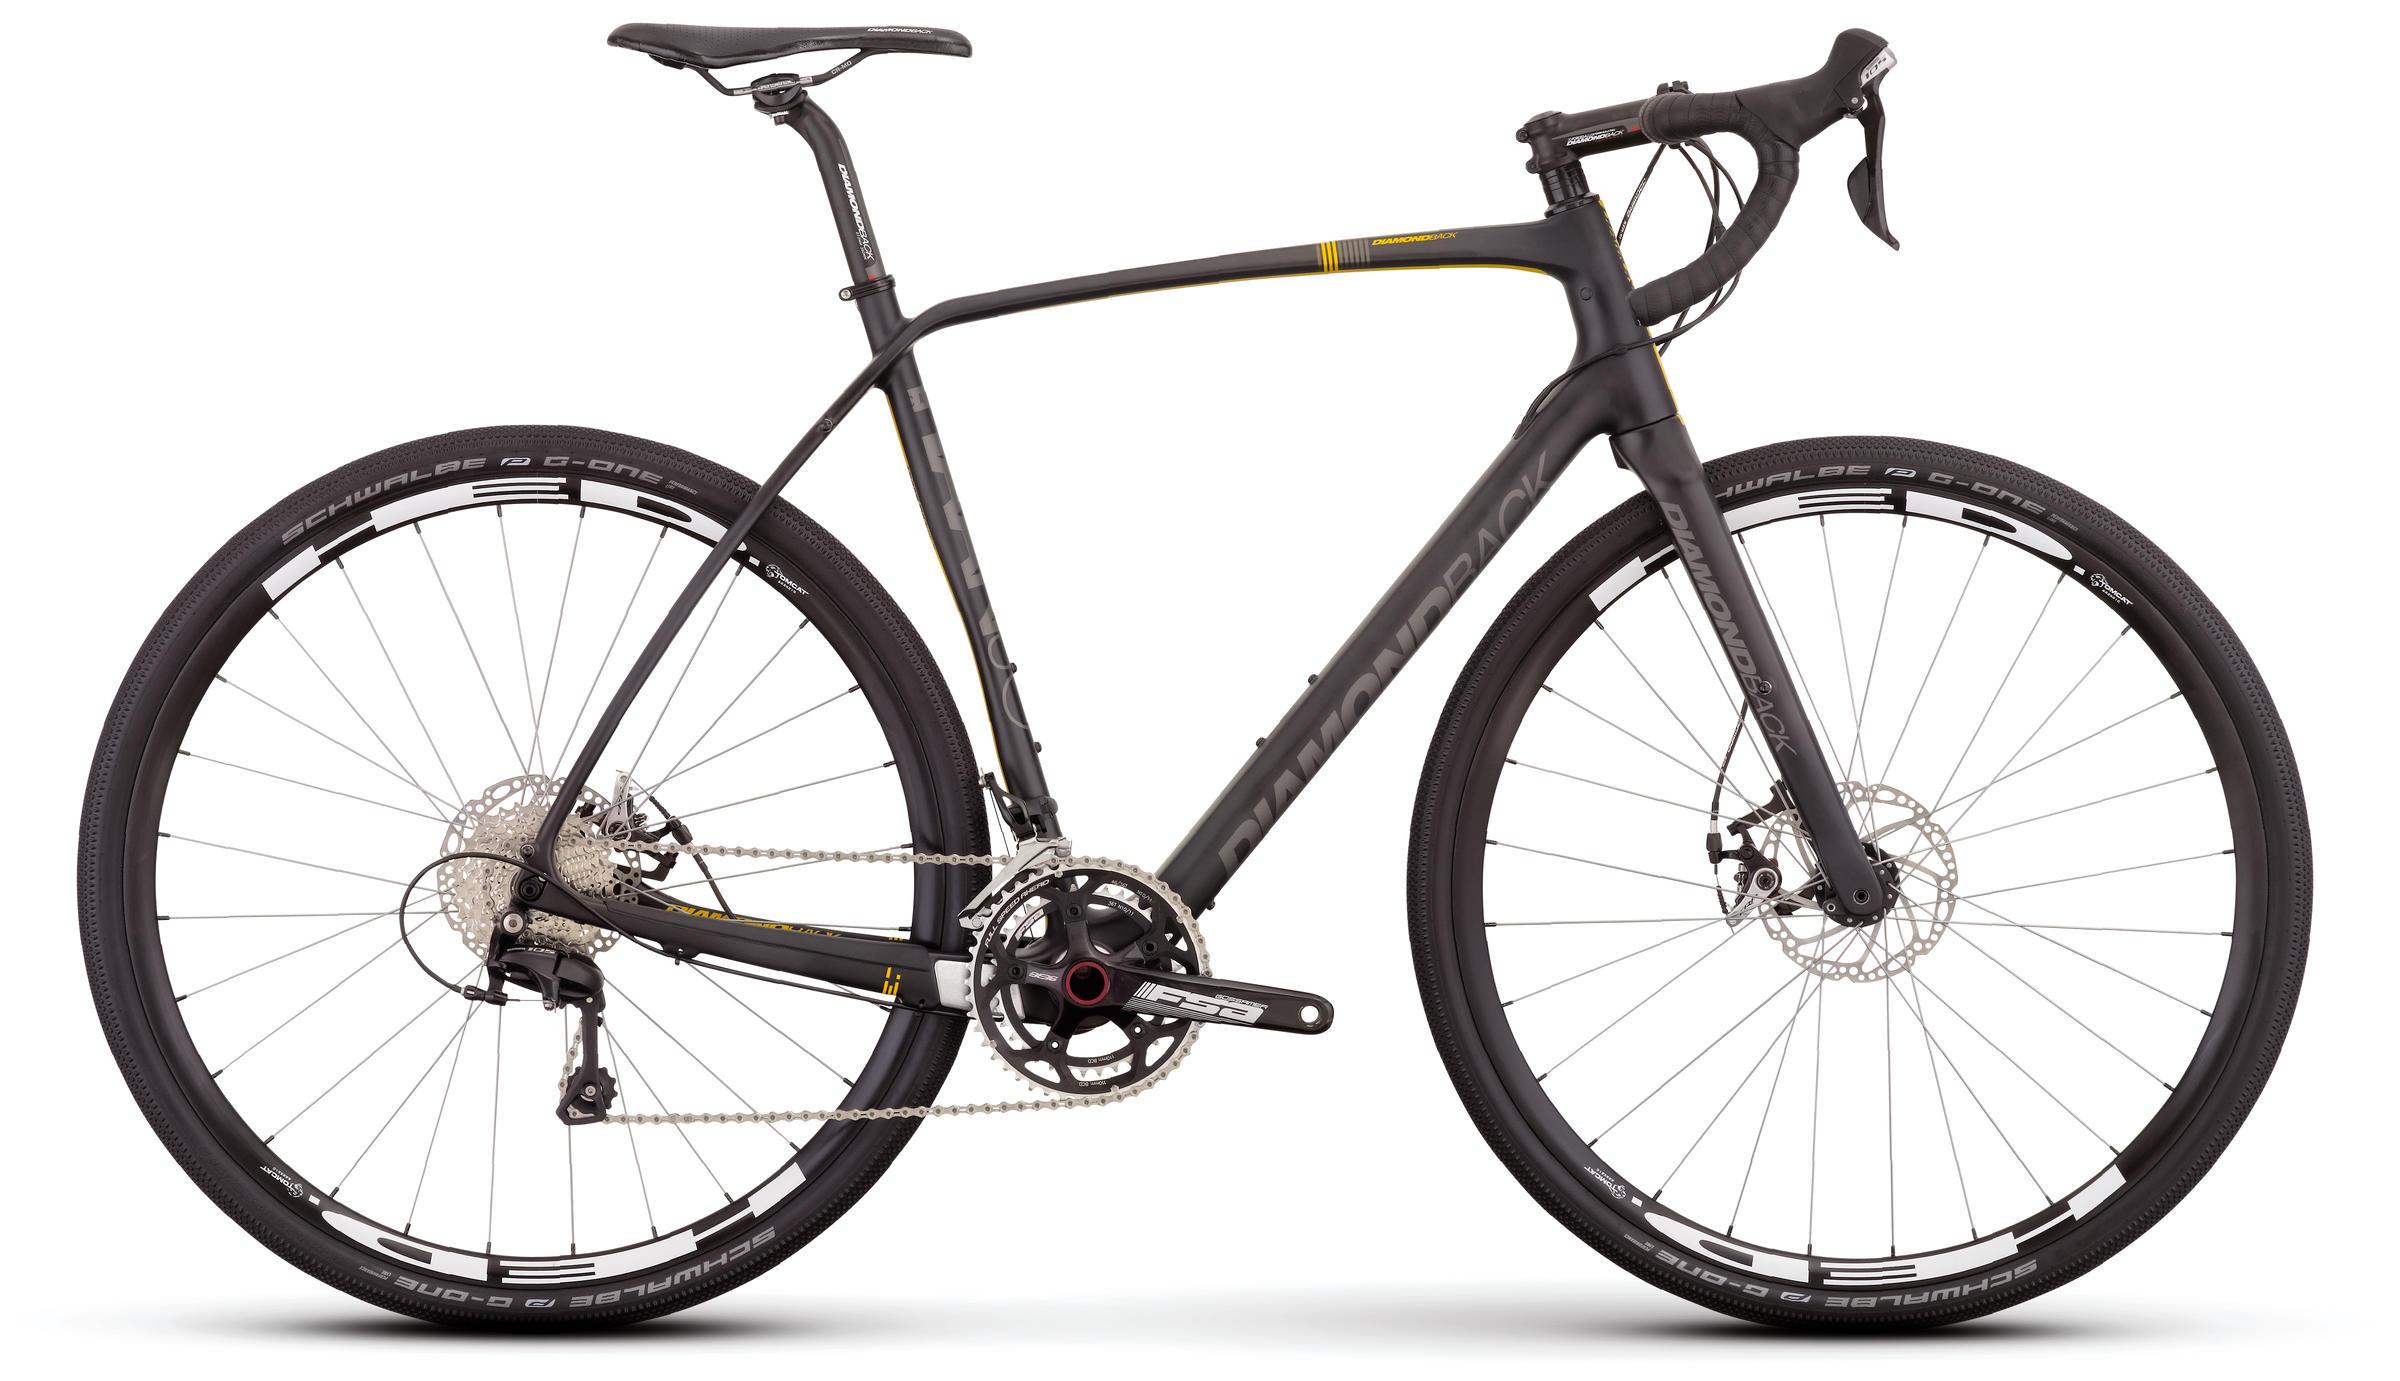 129fead4c83 Diamondback Haanjo Comp Carbon - Danny's Cycles